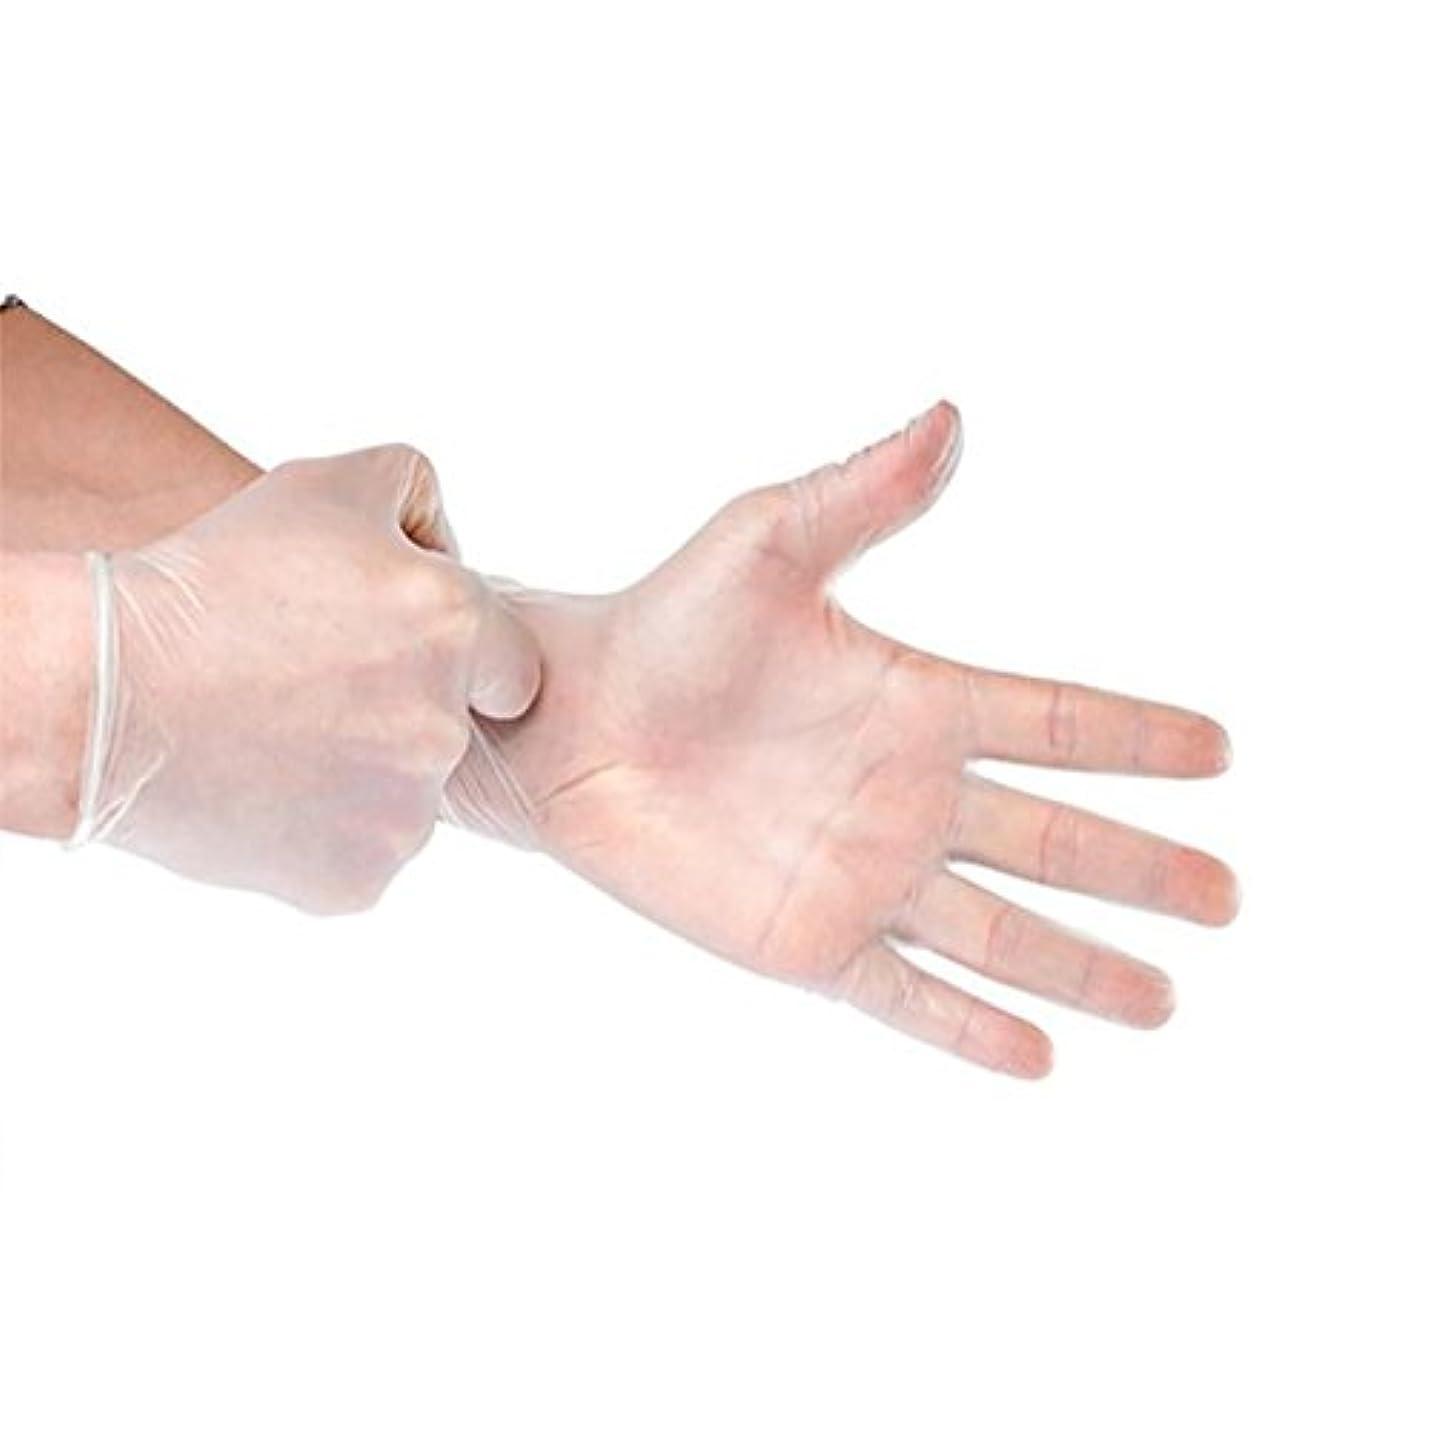 胃広範囲に独特のCozyswan 使い捨て手袋 100枚入り 粉なし検査 料理 絵 清潔 掃除 ペット管理 size M (透明)